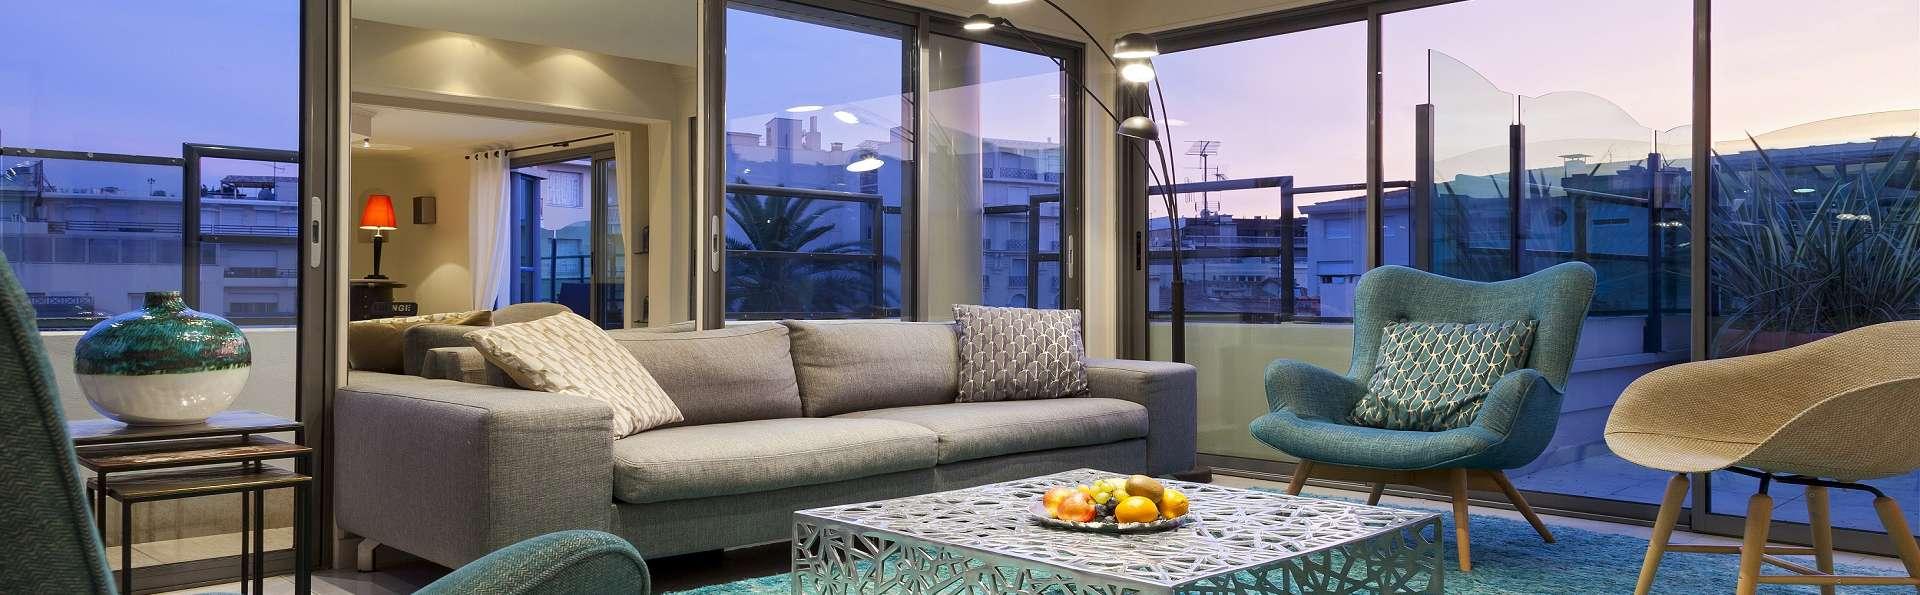 Escapade de luxe en suite Penthouse de 200 m2 près de la croisette